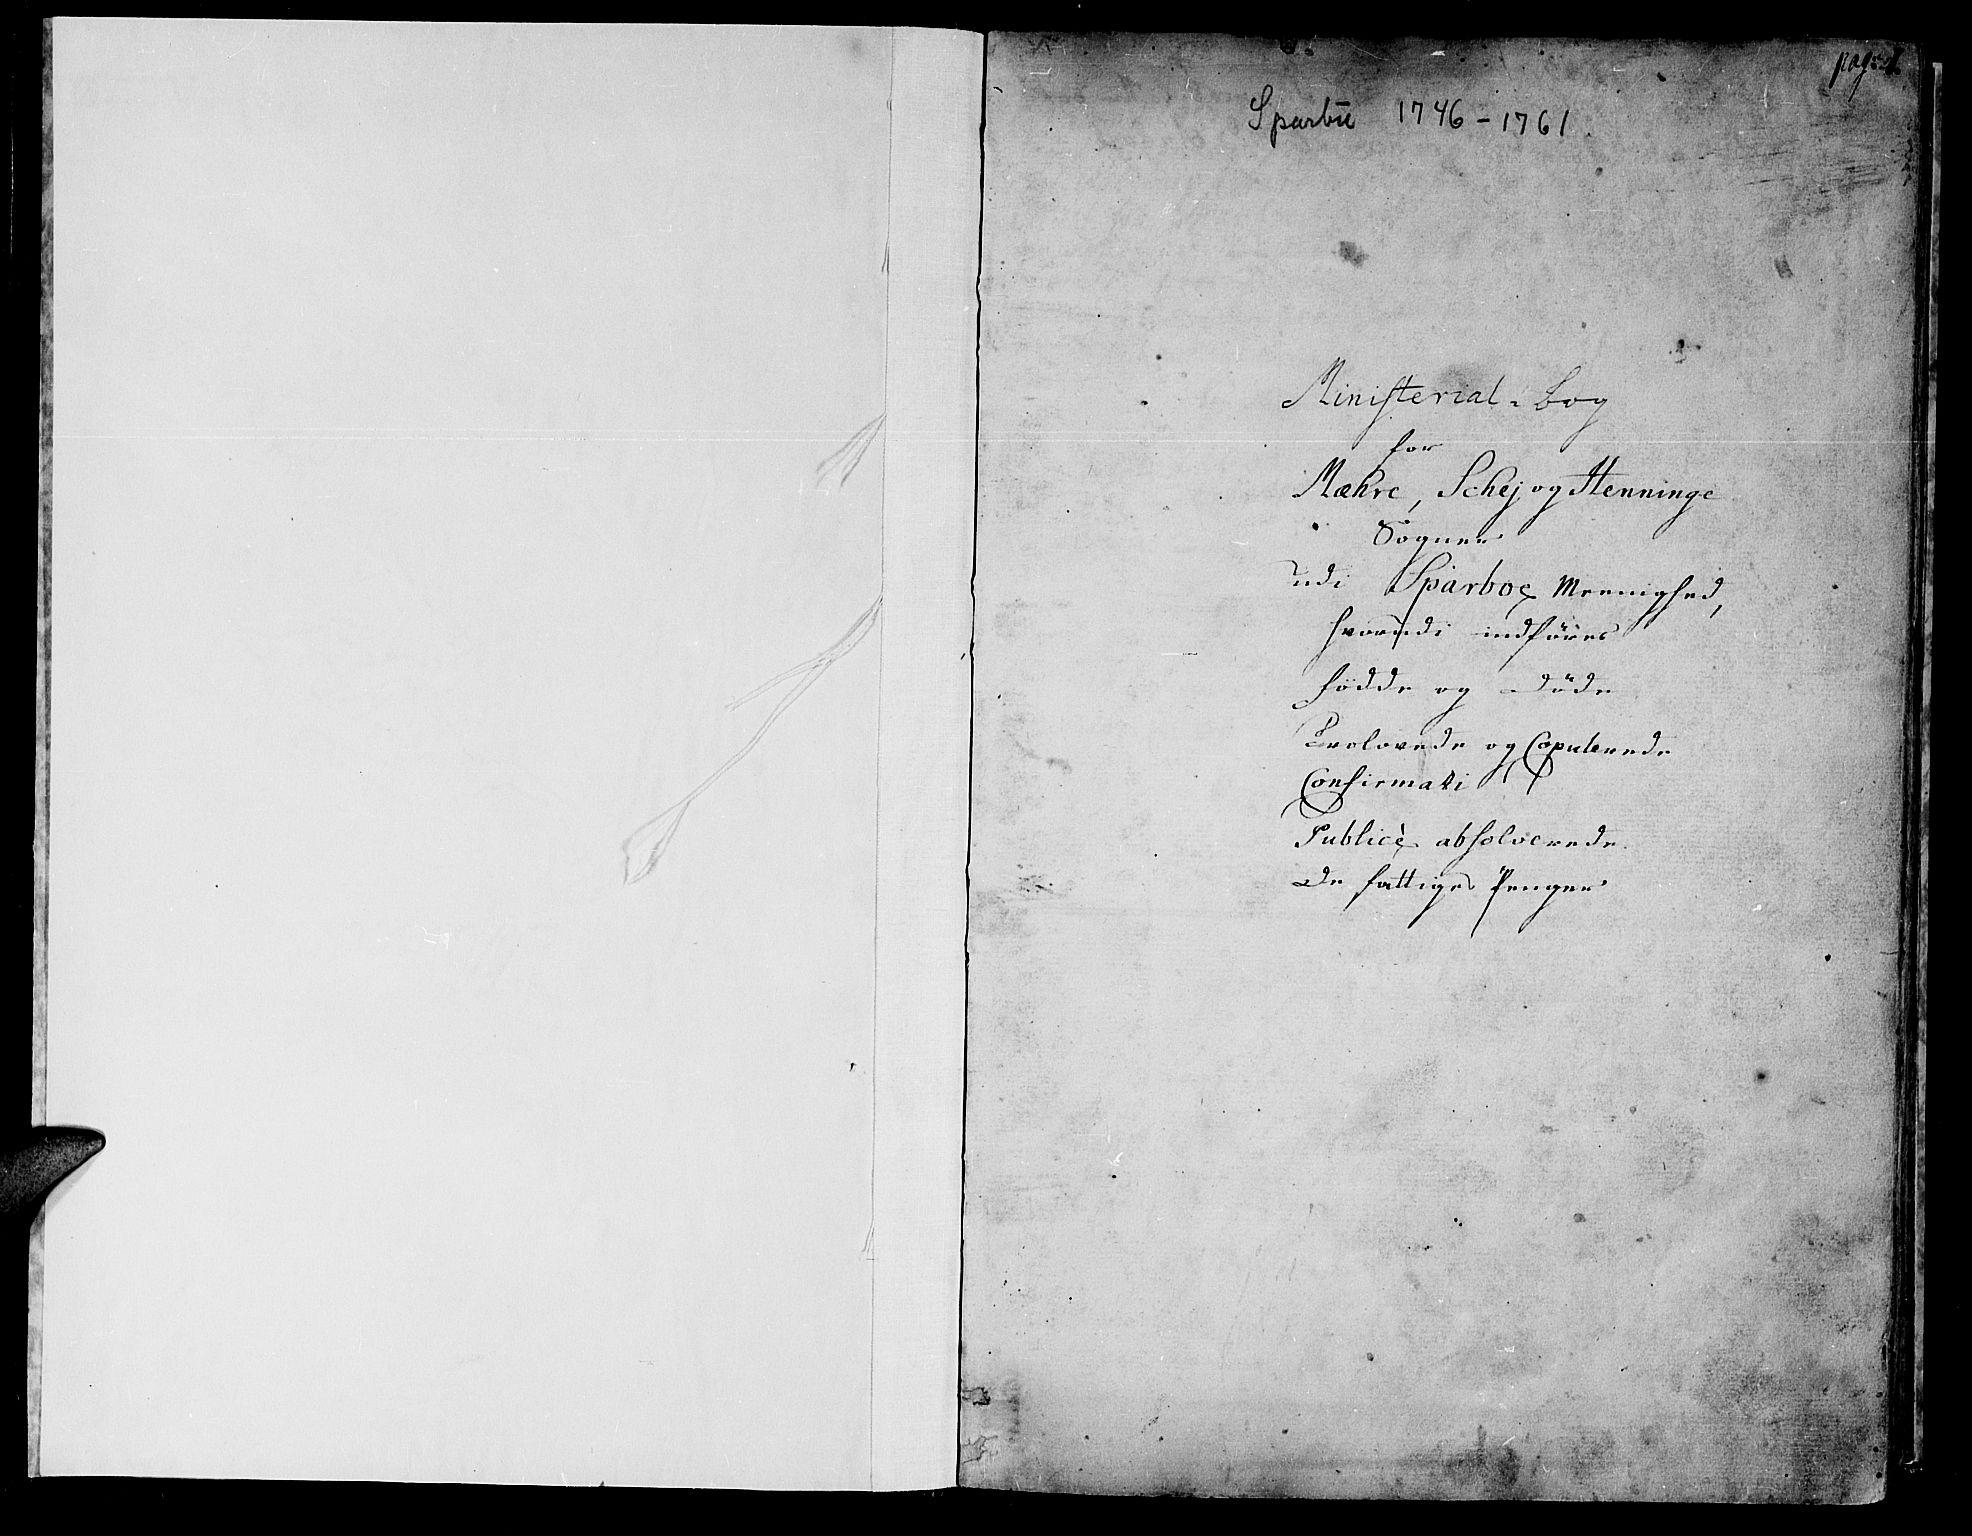 SAT, Ministerialprotokoller, klokkerbøker og fødselsregistre - Nord-Trøndelag, 735/L0330: Ministerialbok nr. 735A01, 1740-1766, s. 0-1